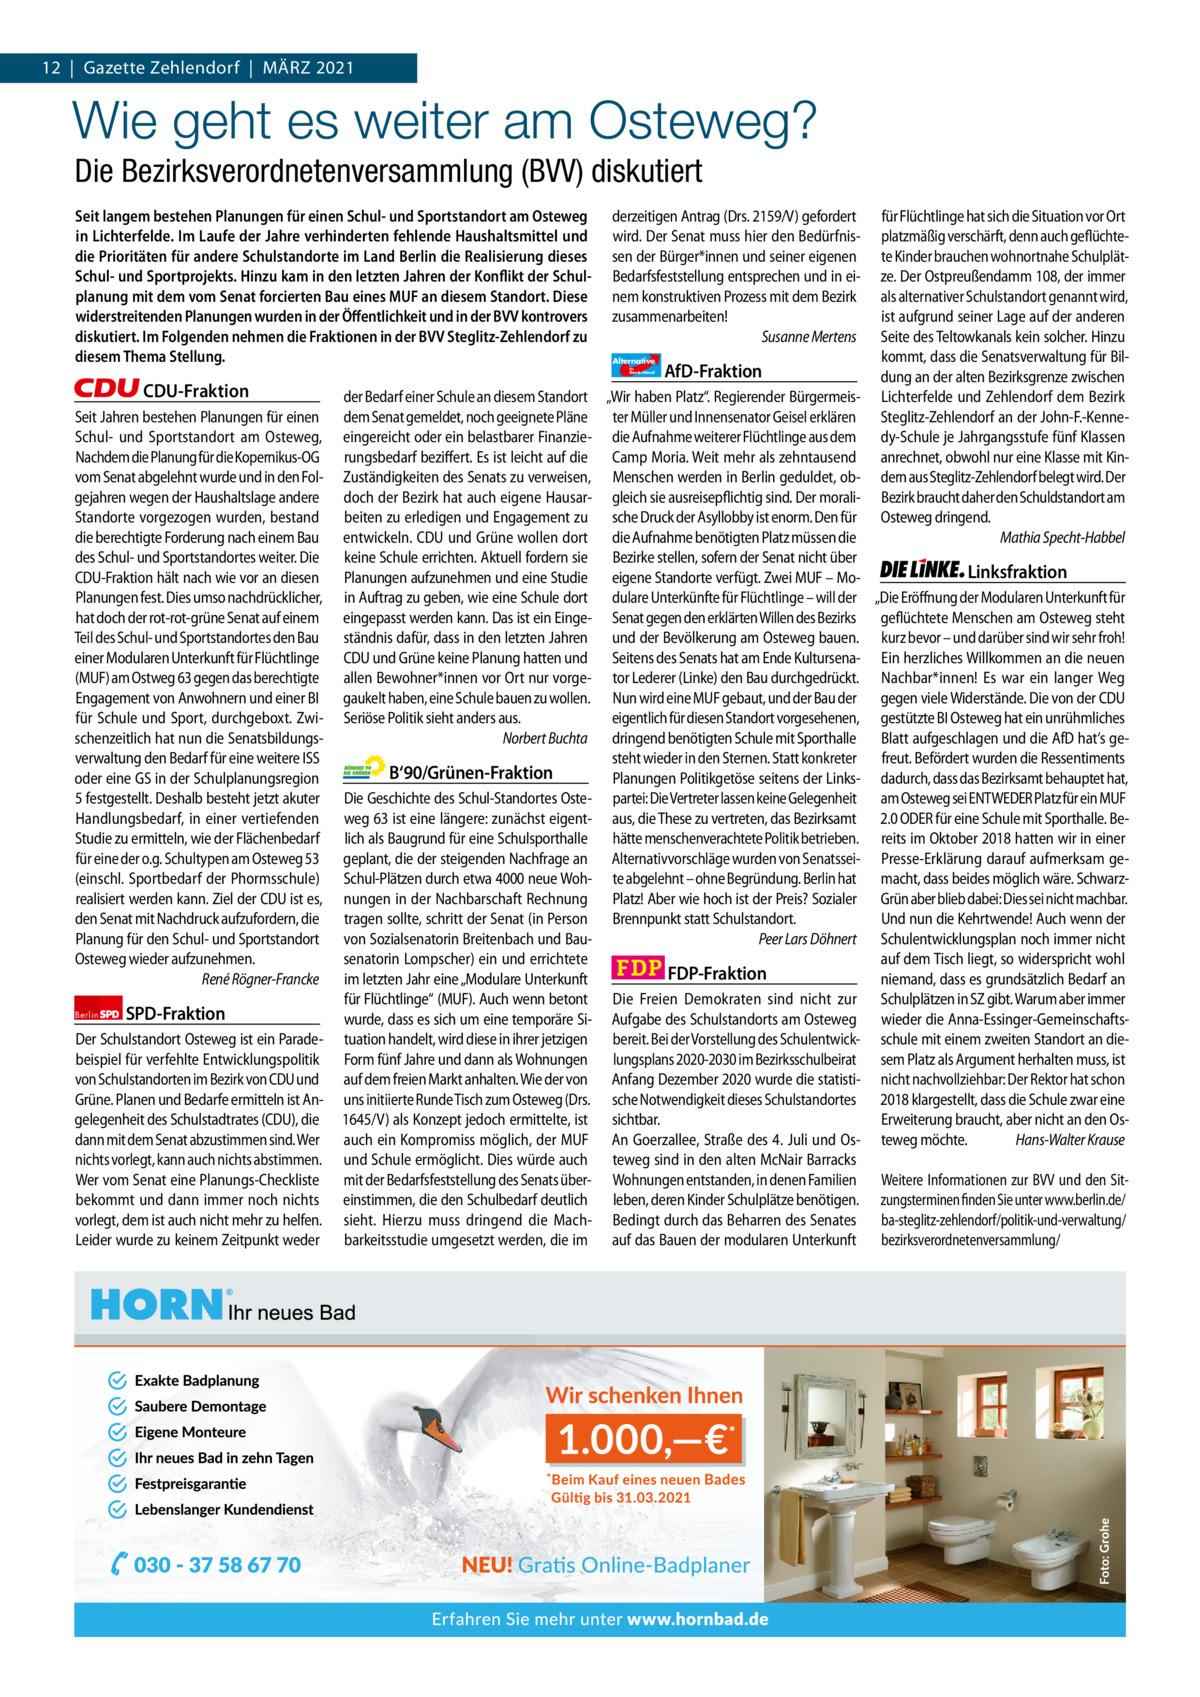 1 | Gazette Zehlendorf 12|Gazette Zehlendorf|MäRZ | MäRZ 2021 2021  Wie geht es weiter am Osteweg? Die Bezirksverordnetenversammlung (BVV) diskutiert Seit langem bestehen Planungen für einen Schul- und Sportstandort am Osteweg in Lichterfelde. Im Laufe der Jahre verhinderten fehlende Haushaltsmittel und die Prioritäten für andere Schulstandorte im Land Berlin die Realisierung dieses Schul- und Sportprojekts. Hinzu kam in den letzten Jahren der Konflikt der Schulplanung mit dem vom Senat forcierten Bau eines MUF an diesem Standort. Diese widerstreitenden Planungen wurden in der Öffentlichkeit und in der BVV kontrovers diskutiert. Im Folgenden nehmen die Fraktionen in der BVV Steglitz-Zehlendorf zu diesem Thema Stellung.  derzeitigen Antrag (Drs. 2159/V) gefordert wird. Der Senat muss hier den Bedürfnissen der Bürger*innen und seiner eigenen Bedarfsfeststellung entsprechen und in einem konstruktiven Prozess mit dem Bezirk zusammenarbeiten! Susanne Mertens Alternative für  Deutschland  CDU-Fraktion Seit Jahren bestehen Planungen für einen Schul- und Sportstandort am Osteweg, Nachdem die Planung für die Kopernikus-OG vom Senat abgelehnt wurde und in den Folgejahren wegen der Haushaltslage andere Standorte vorgezogen wurden, bestand die berechtigte Forderung nach einem Bau des Schul- und Sportstandortes weiter. Die CDU-Fraktion hält nach wie vor an diesen Planungen fest. Dies umso nachdrücklicher, hat doch der rot-rot-grüne Senat auf einem Teil des Schul- und Sportstandortes den Bau einer Modularen Unterkunft für Flüchtlinge (MUF) am Ostweg63 gegen das berechtigte Engagement von Anwohnern und einer BI für Schule und Sport, durchgeboxt. Zwischenzeitlich hat nun die Senatsbildungsverwaltung den Bedarf für eine weitere ISS oder eine GS in der Schulplanungsregion 5 festgestellt. Deshalb besteht jetzt akuter Handlungsbedarf, in einer vertiefenden Studie zu ermitteln, wie der Flächenbedarf für eine der o.g. Schultypen am Osteweg53 (einschl. Sportbedarf der Phormsschule) realis